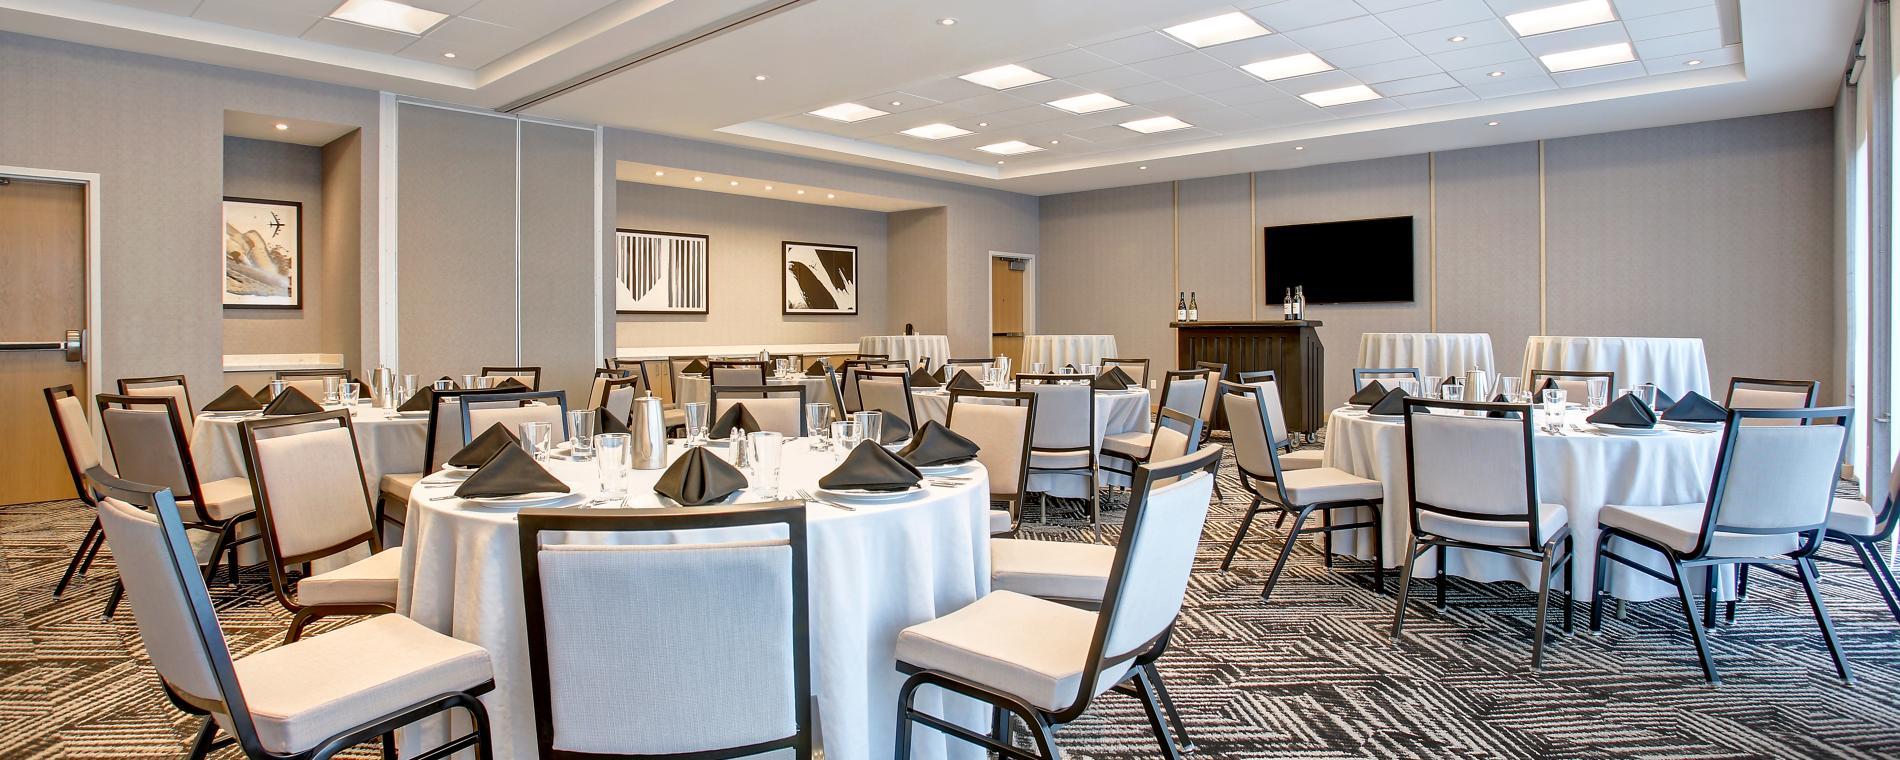 hocker_Ballroom_Banquet_Seating Hyatt Place partner provided Visit Wichita